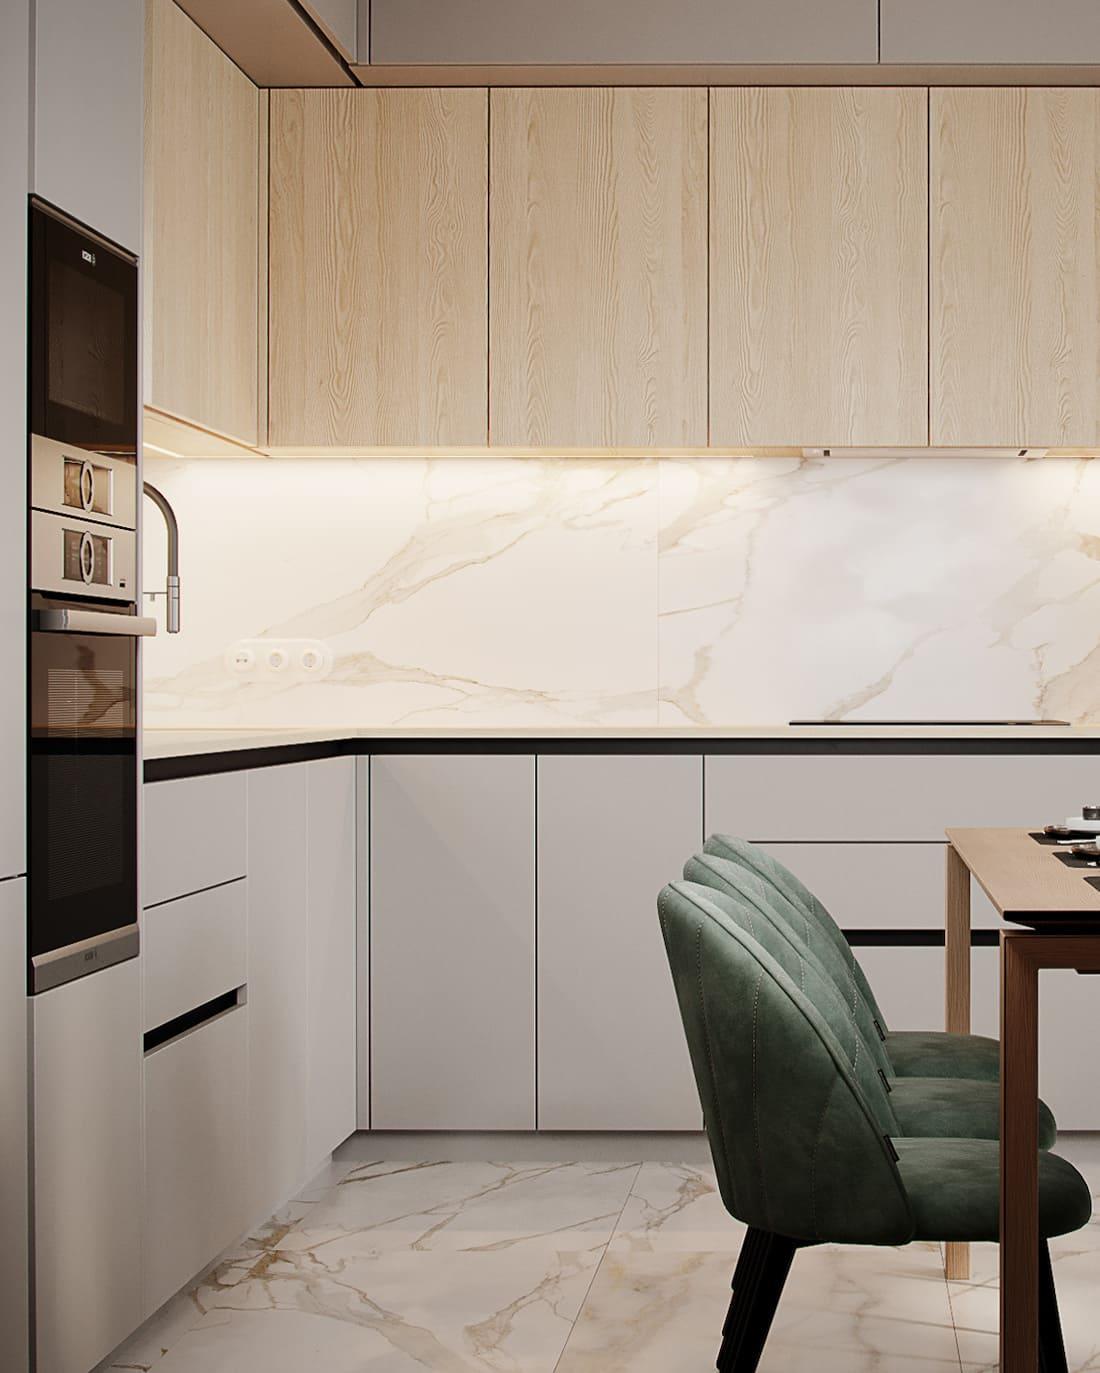 дизайн кухни в современном стиле фото 12